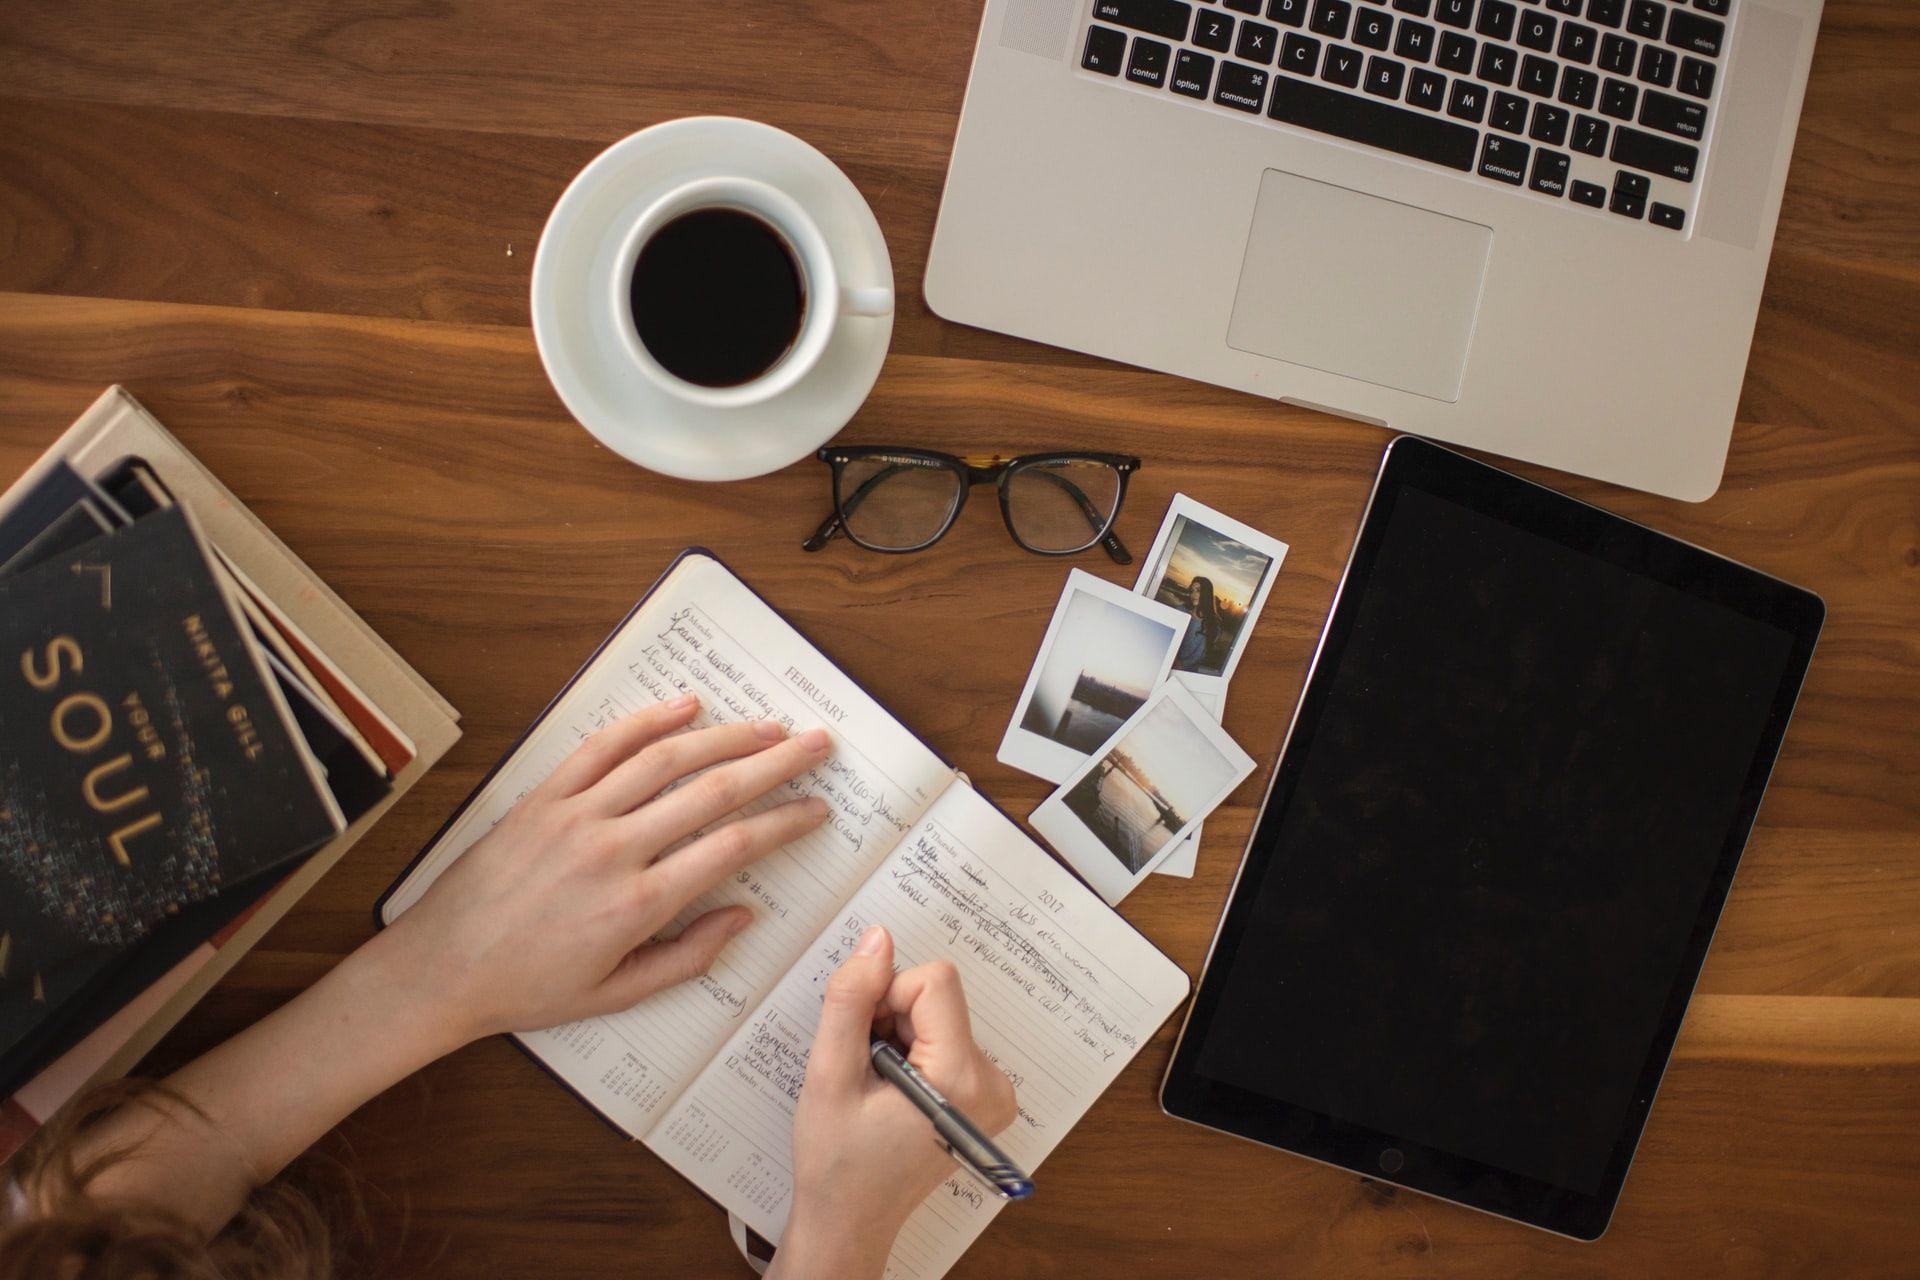 Plataforma De Cursos Online Quais As Melhores De 2021 Aprimoramente